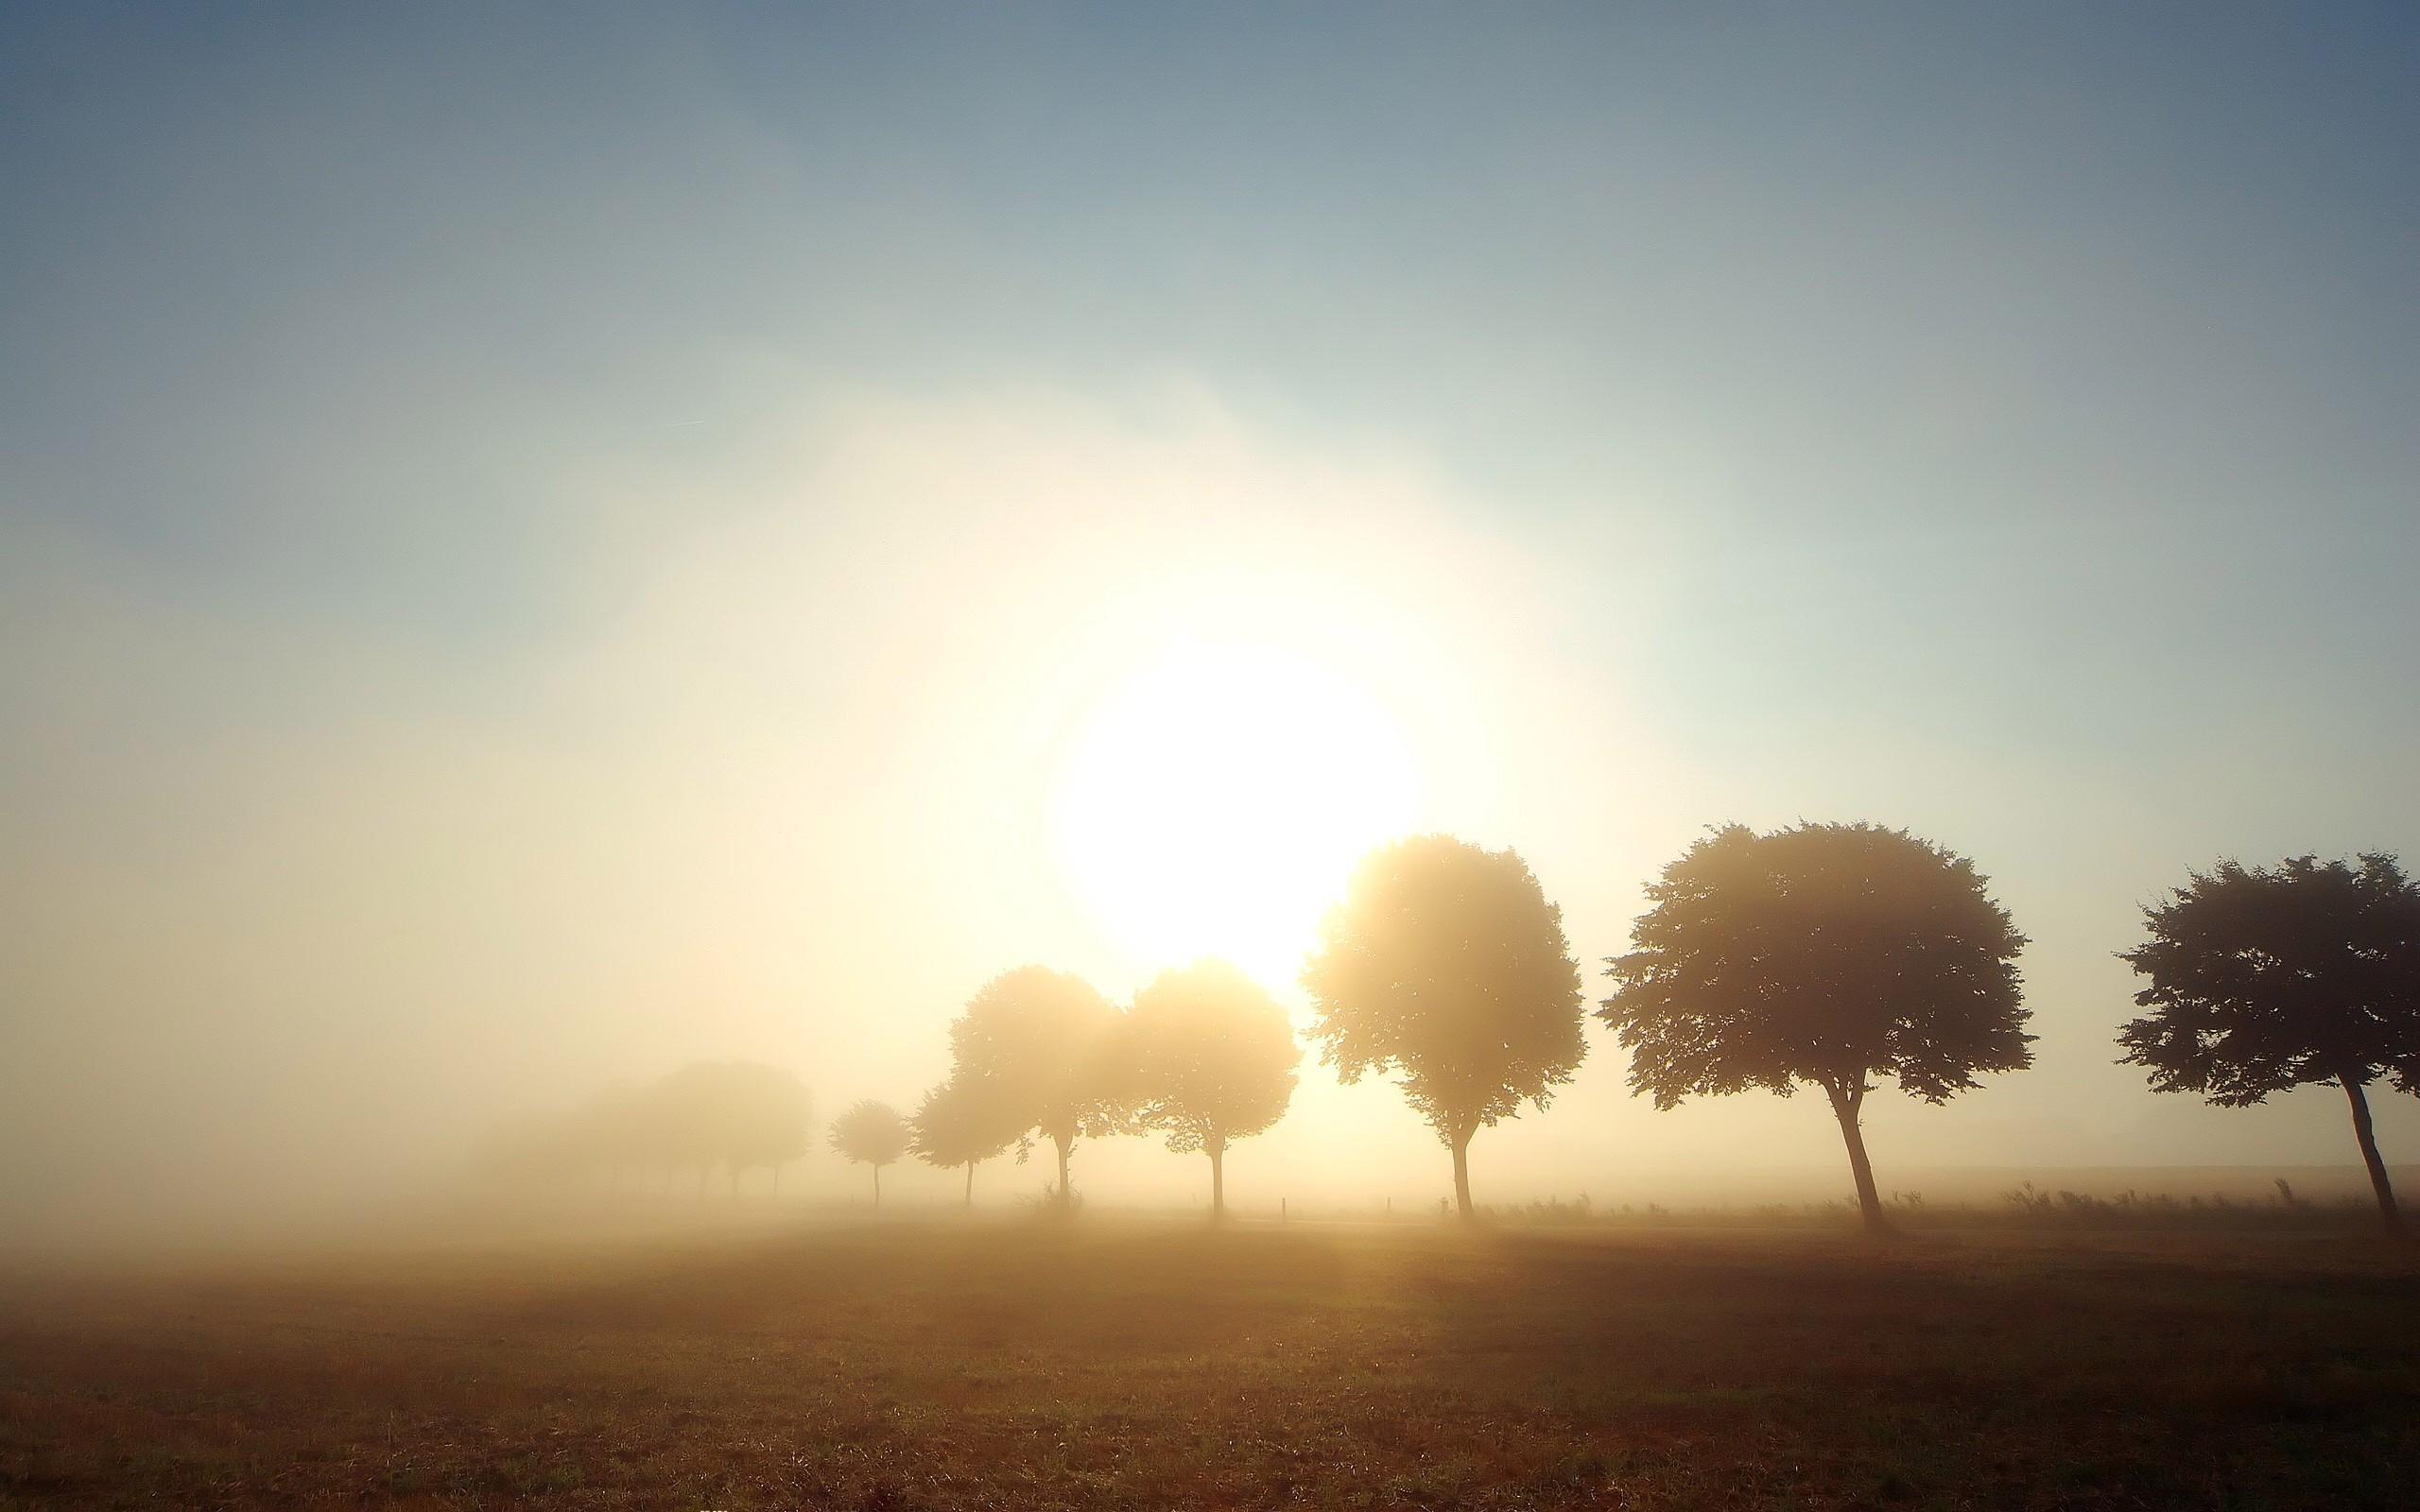 природа рассвет деревья  № 1158239 загрузить